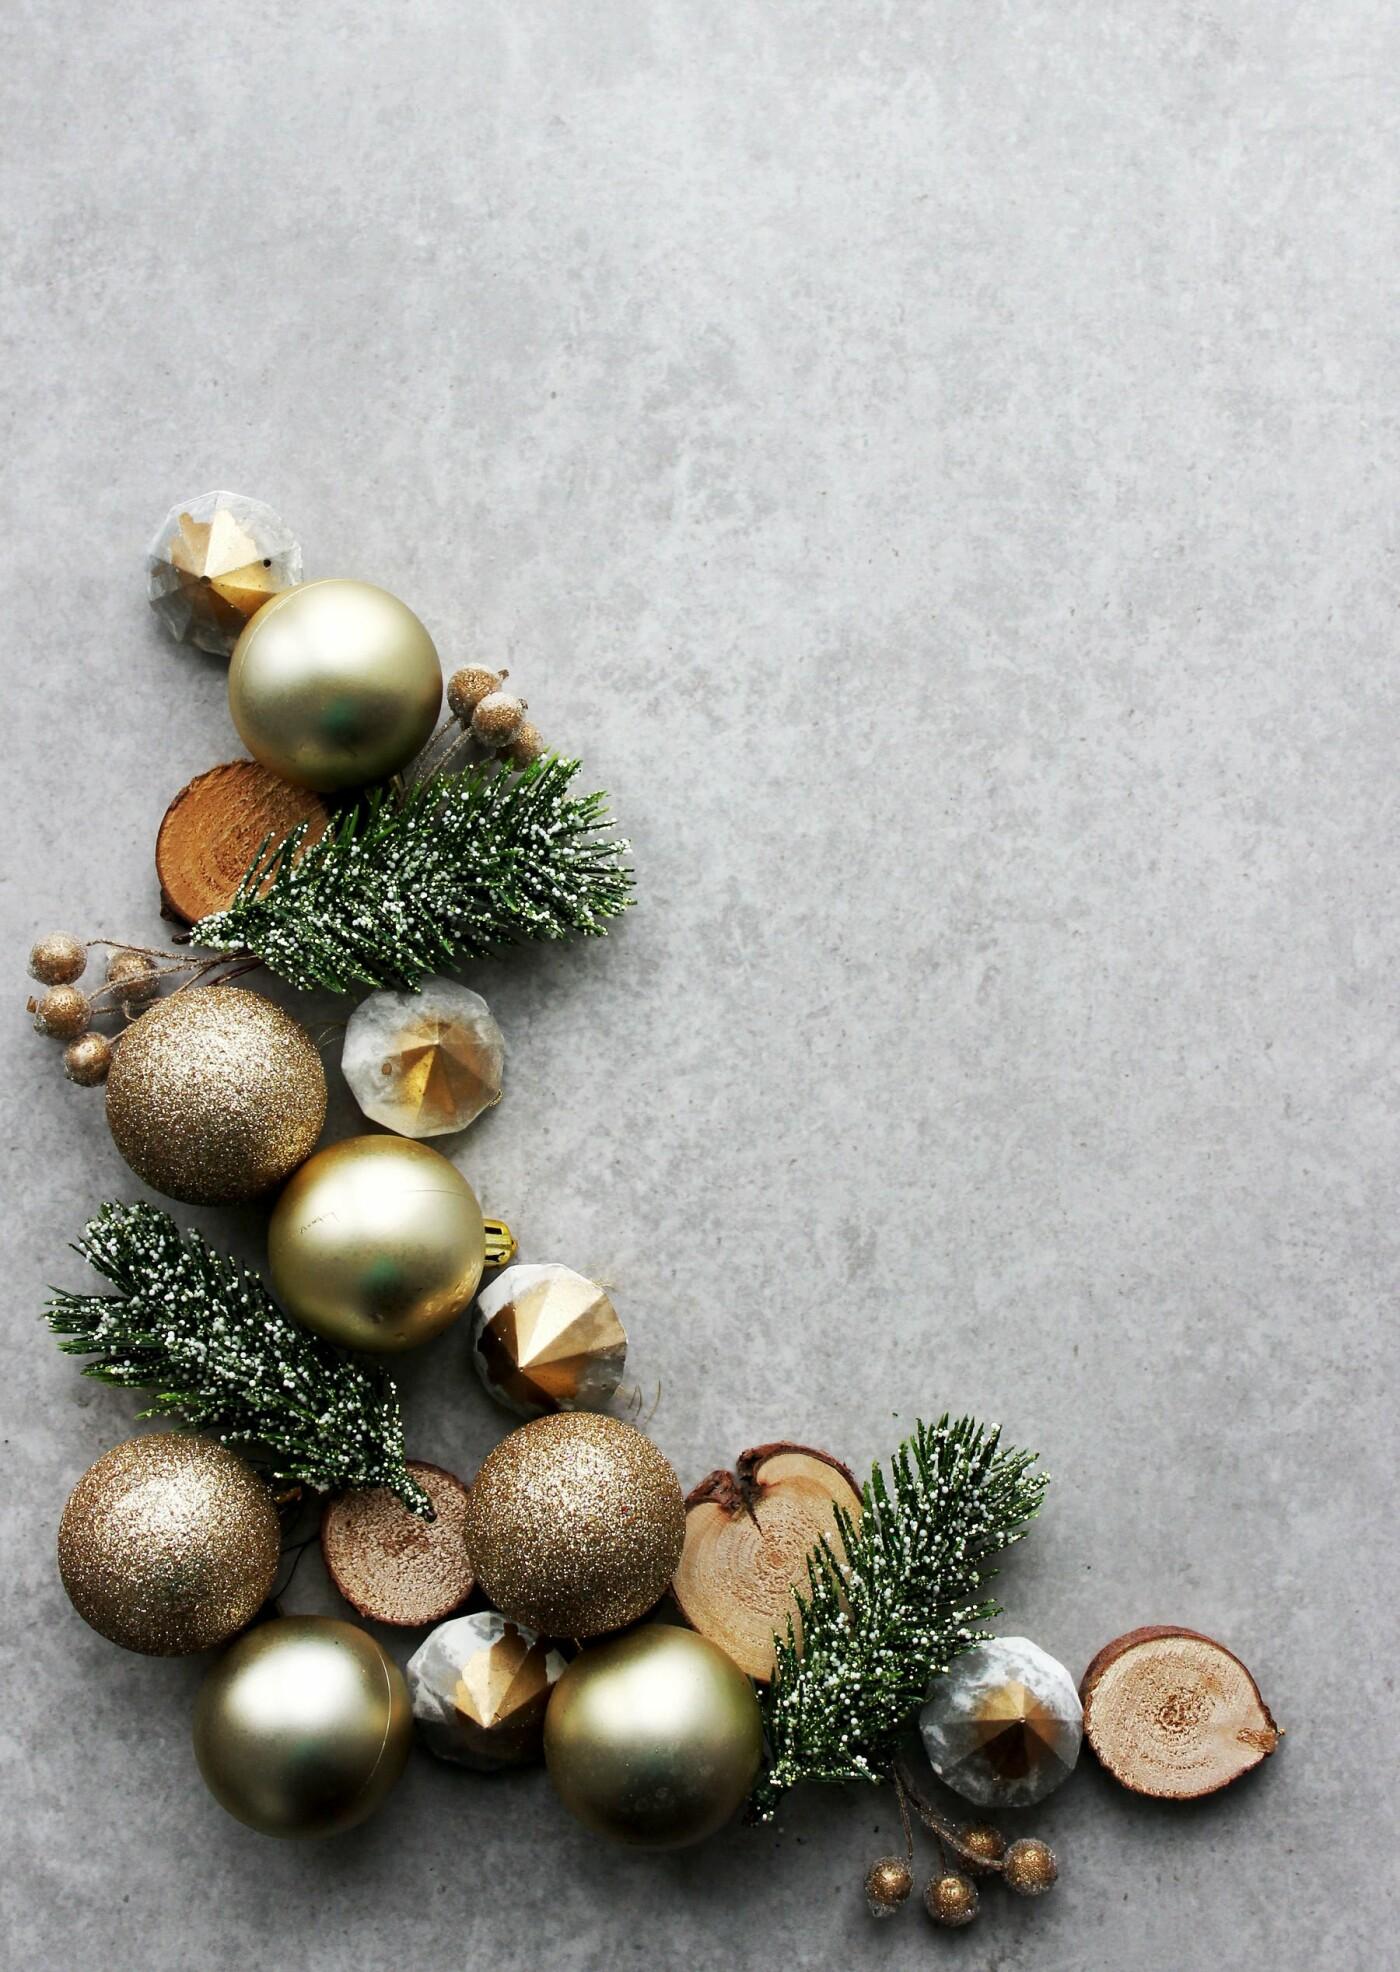 Maisto tinklaraštininkė Kristina Pišniukaitė pataria, kaip iš vieno produkto paruošti tris Kalėdinius patiekalus, nuotrauka-4